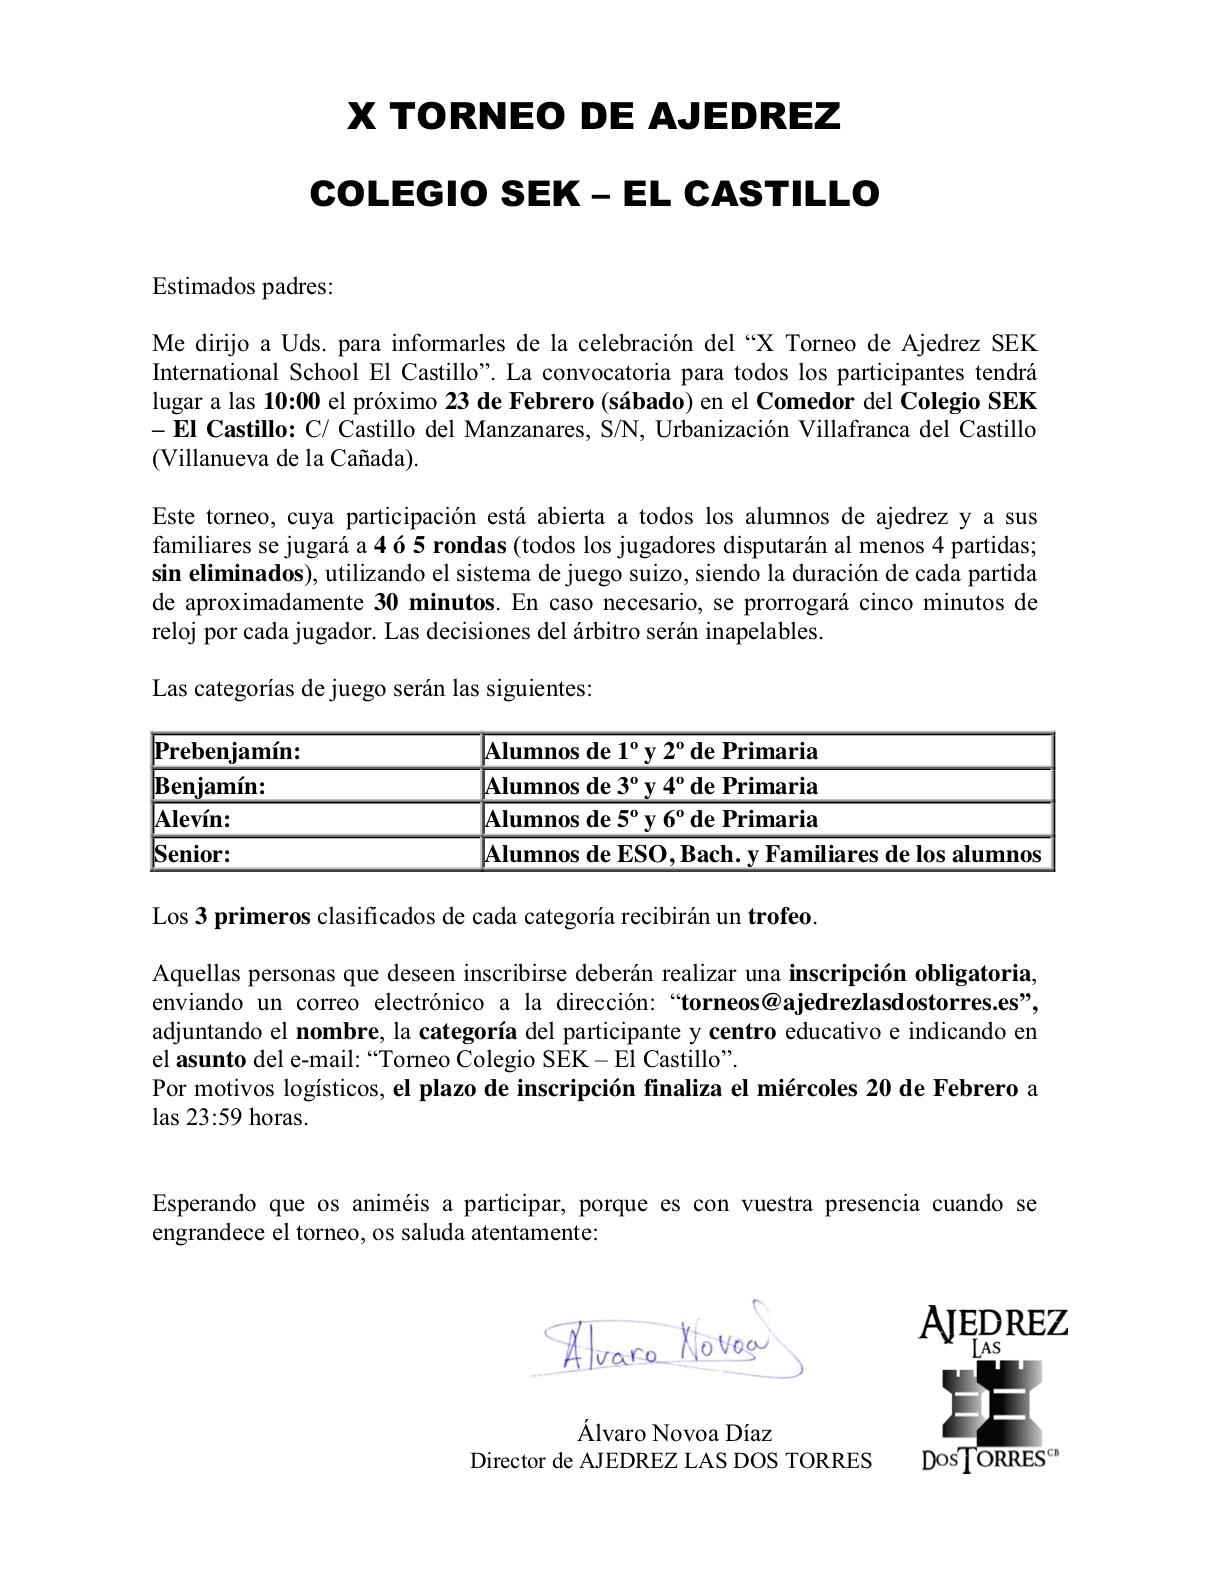 X TORNEO DE AJEDREZ  COLEGIO SEK- EL CASTILLO @ Colegio SEK - El catillo